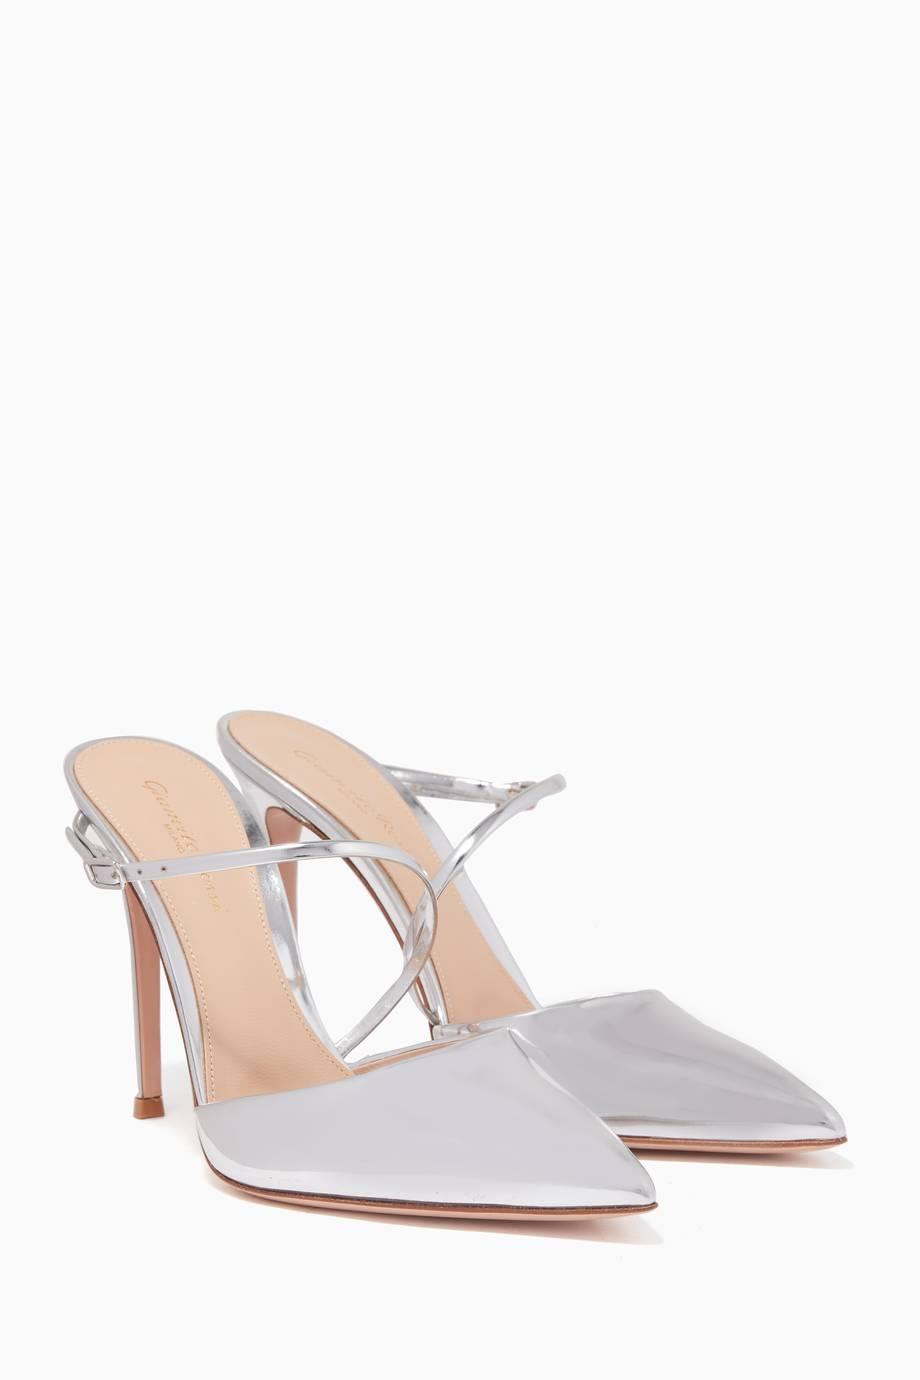 Nappa Silk & Plexi Mules in Metallic Silver. - size 39 (also in 35,36,36.5,37,38,38.5,39.5) Gianvito Rossi